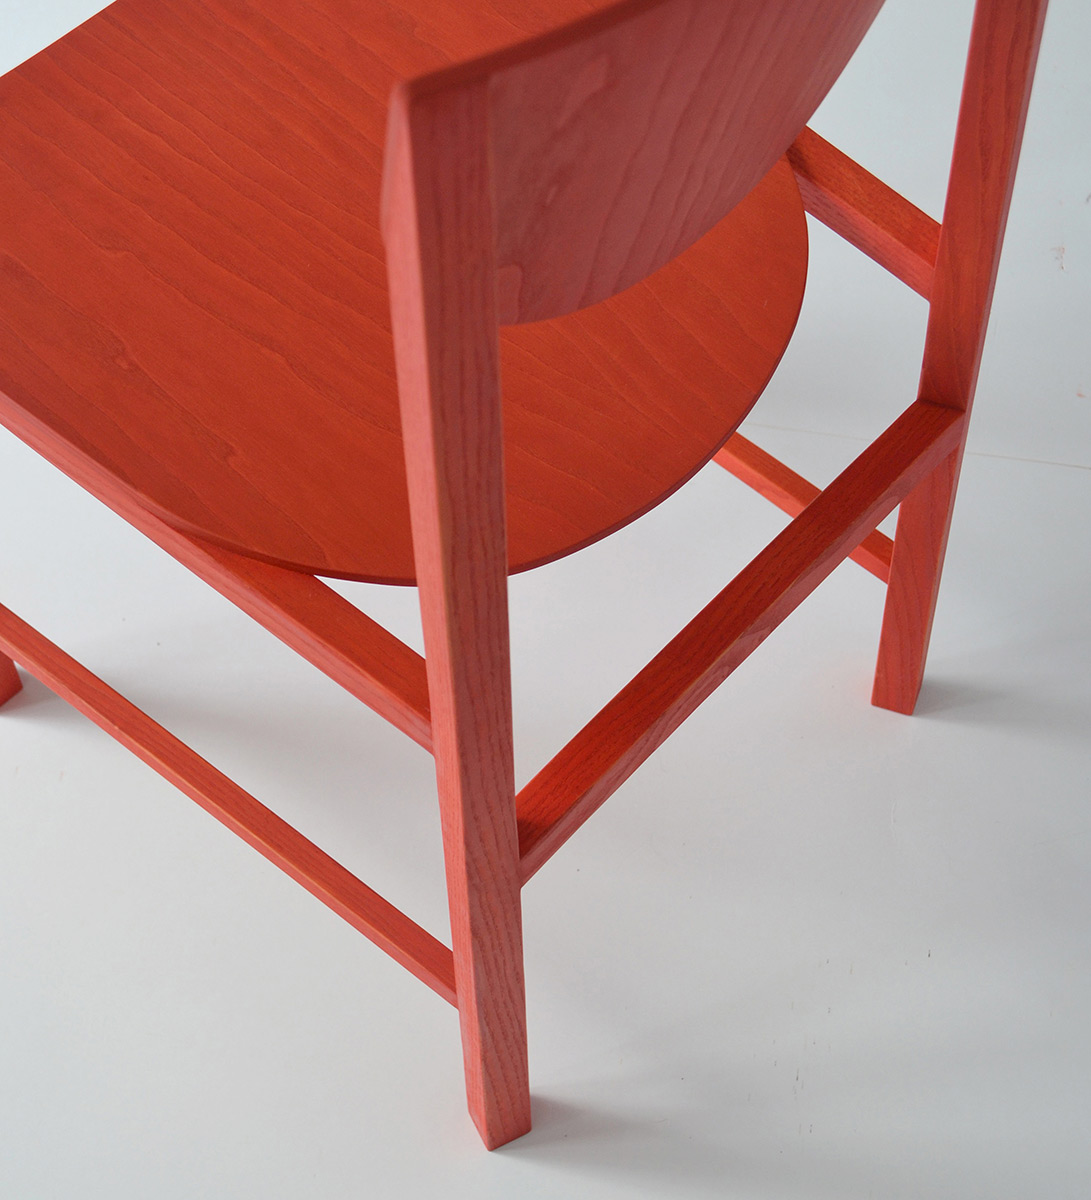 UU-Chair-Mette-Schelde-02